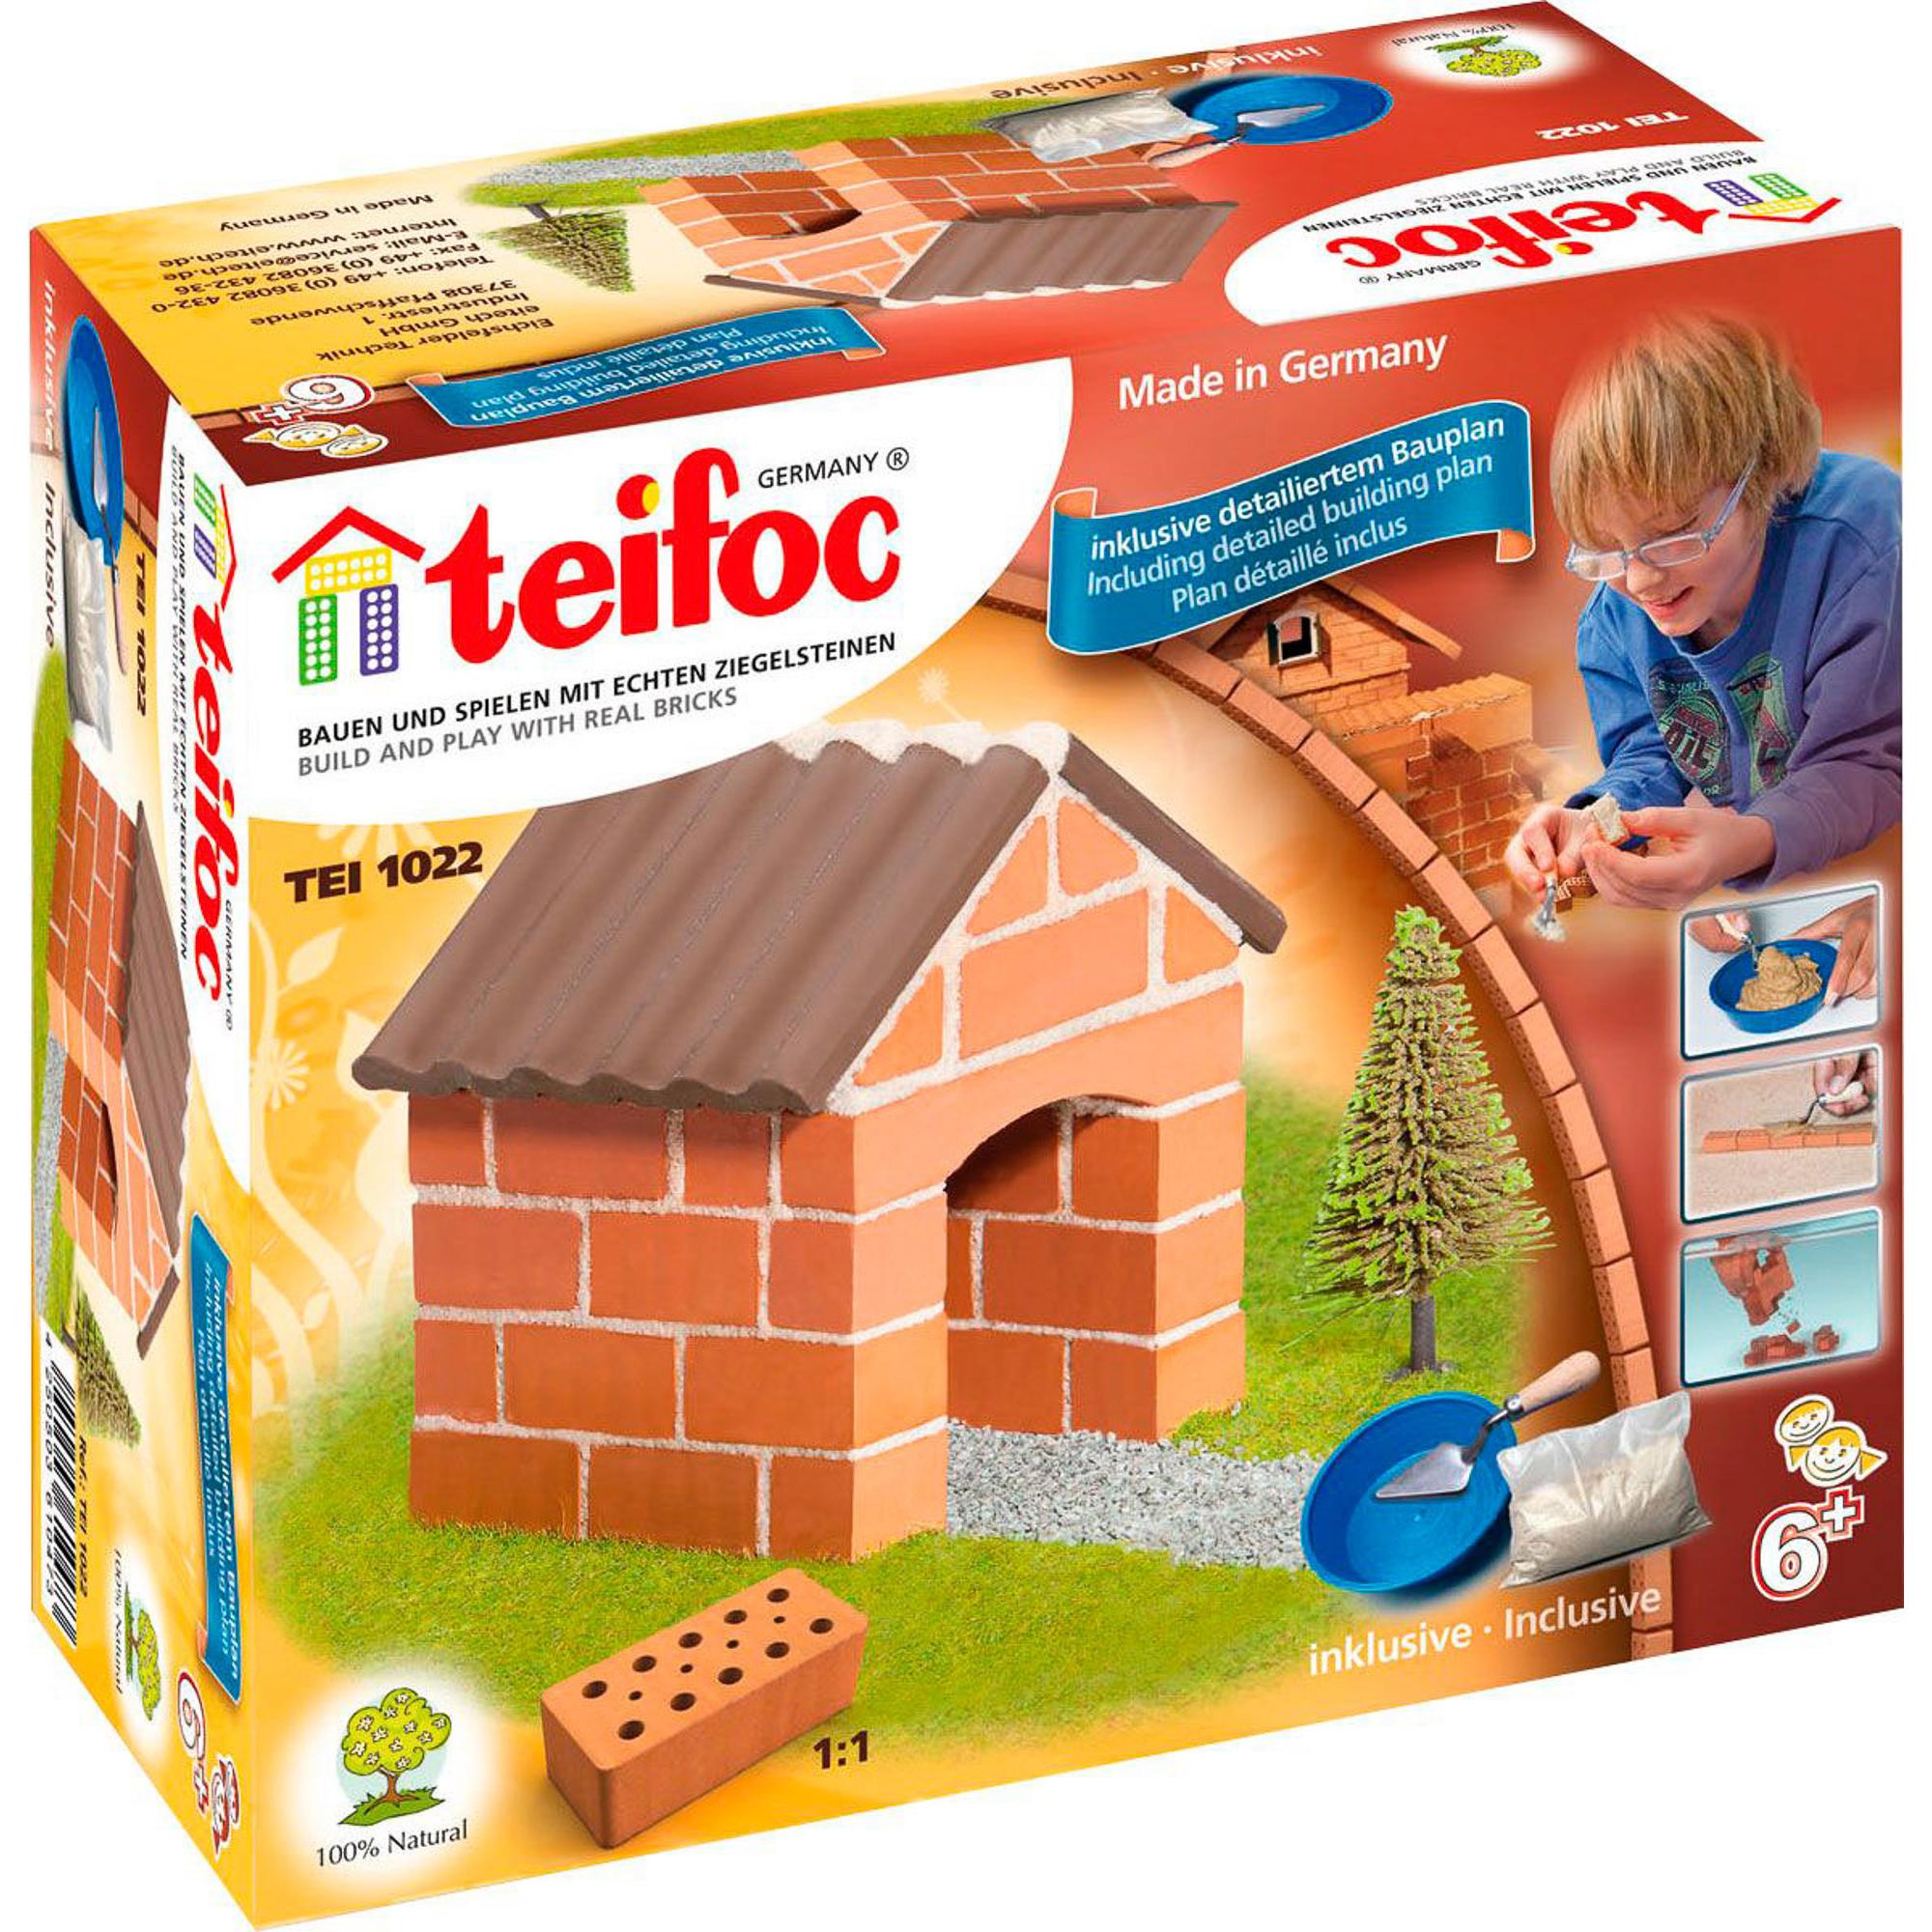 Купить Игровой набор TEIFOC Коттедж TEI 1022, Германия, Глинянный кирпич, Наборы игровые